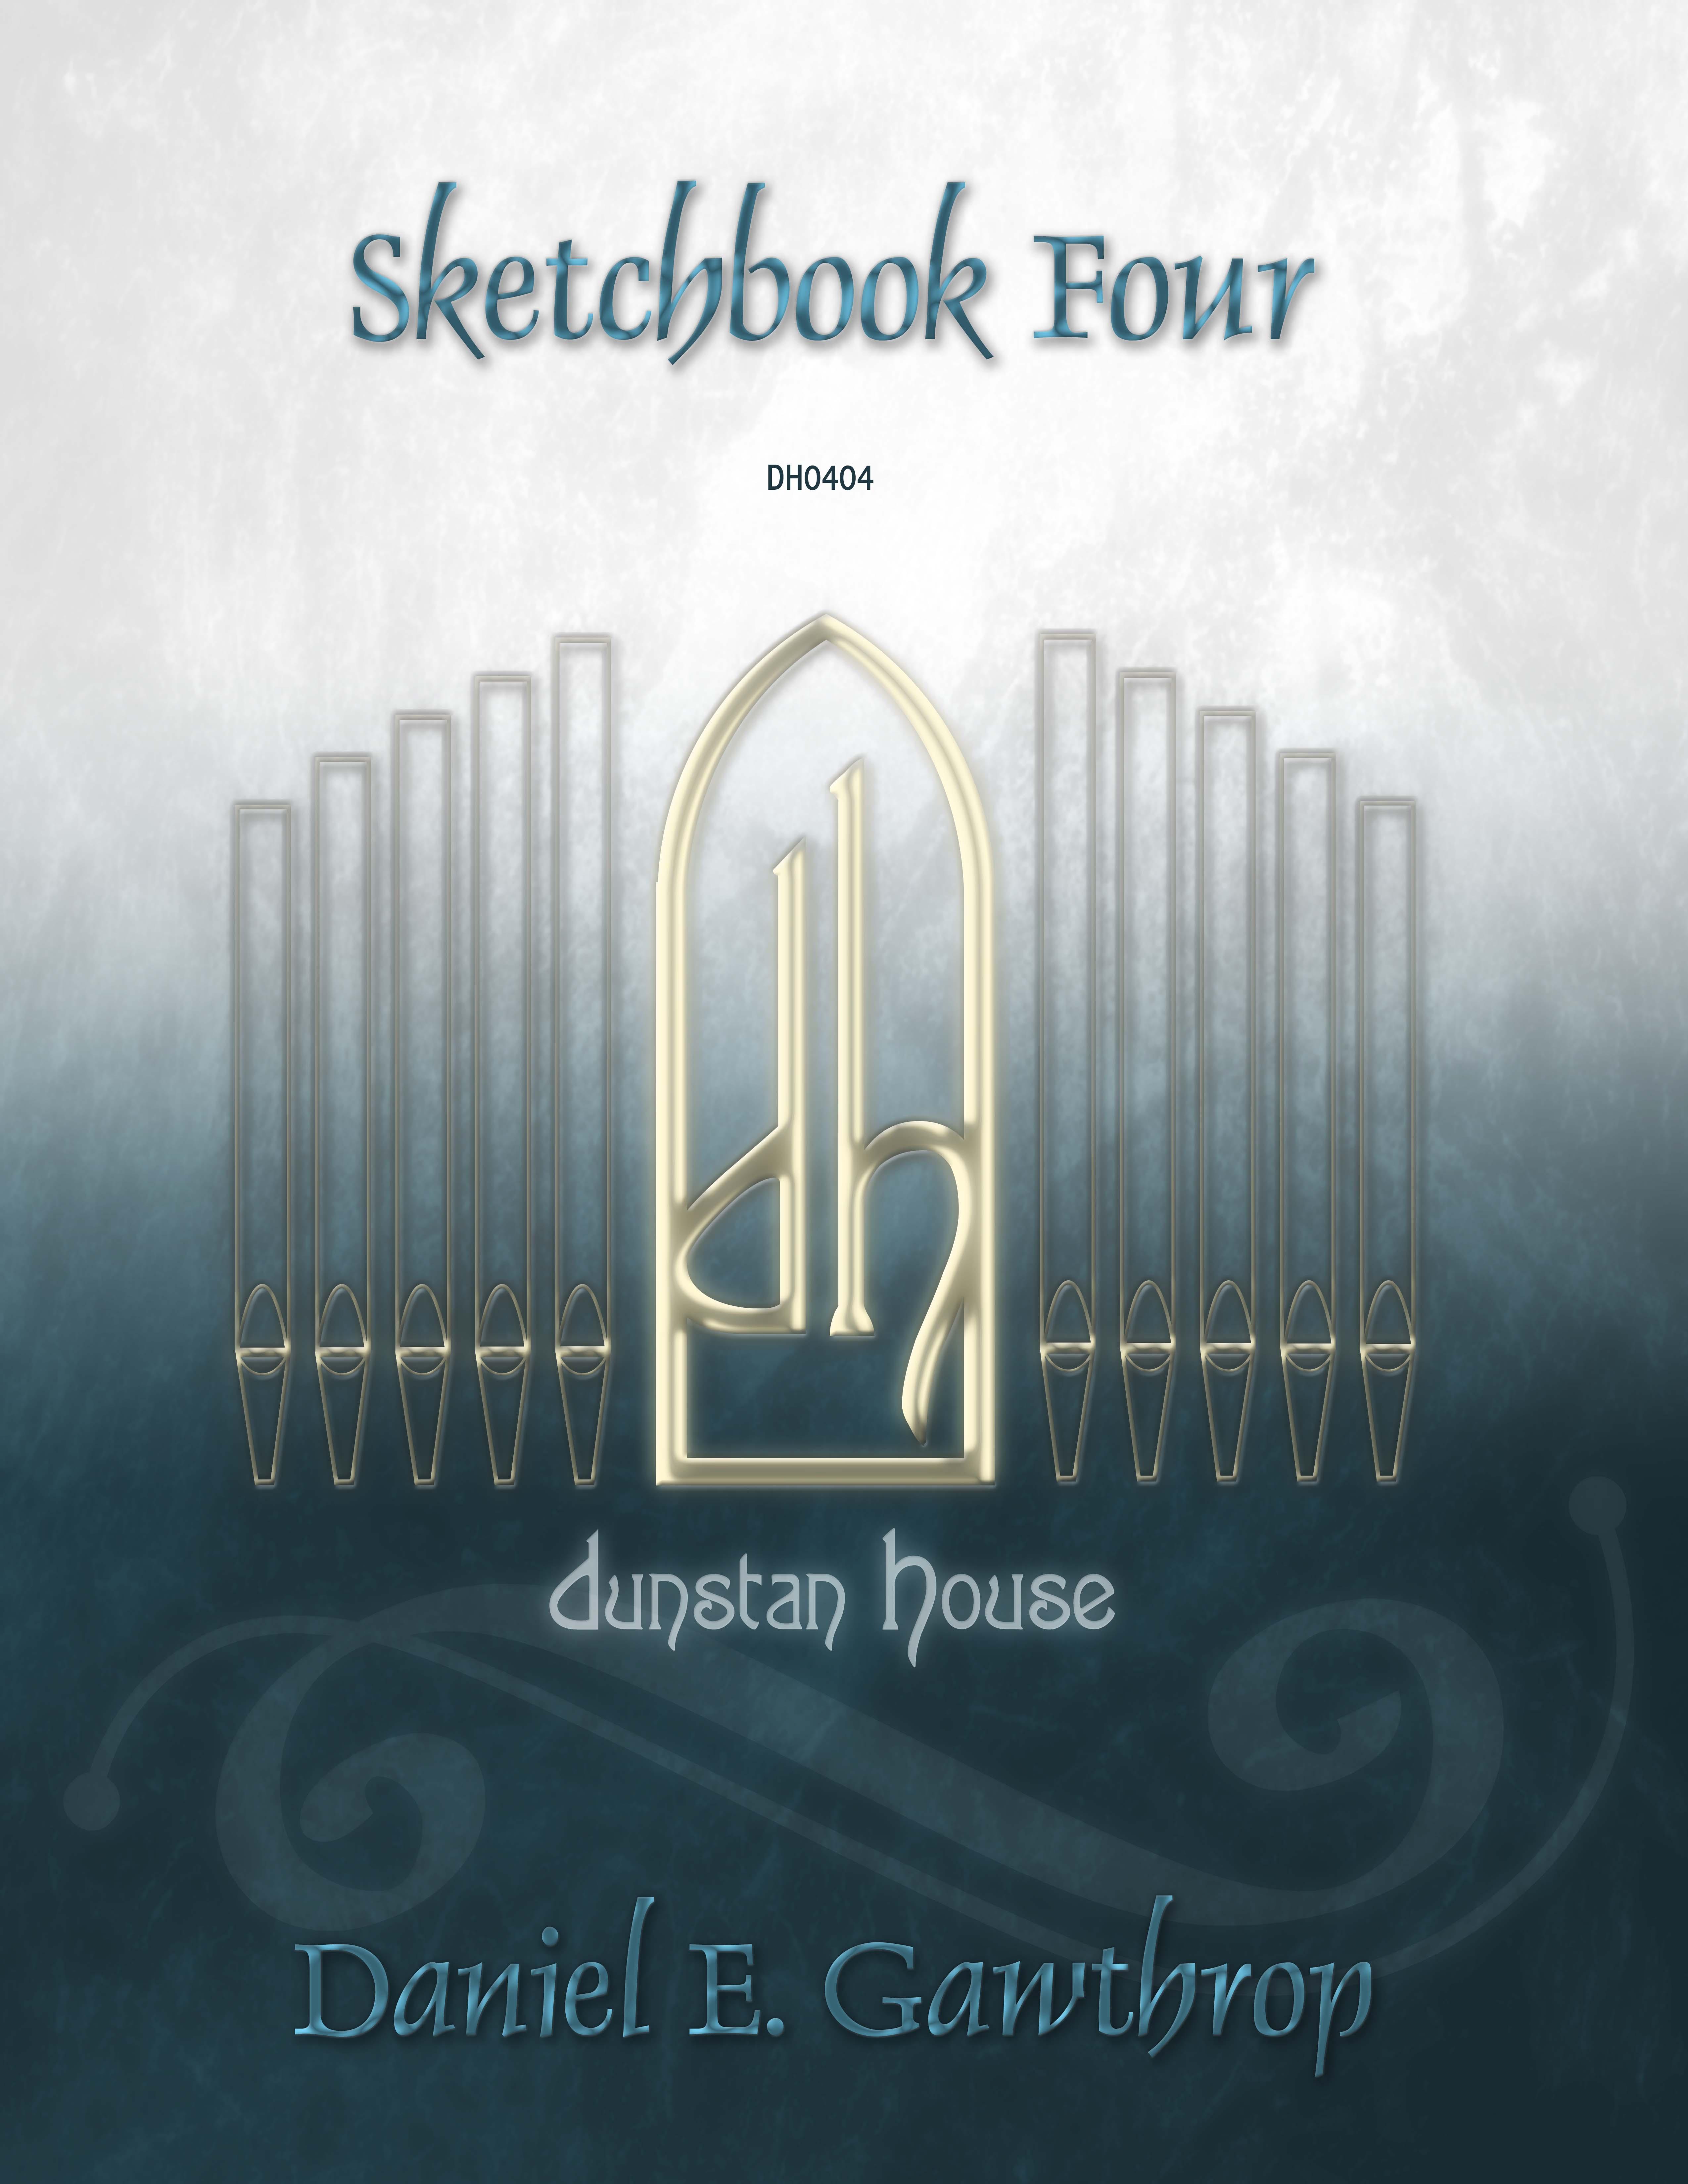 Sketchbook Four